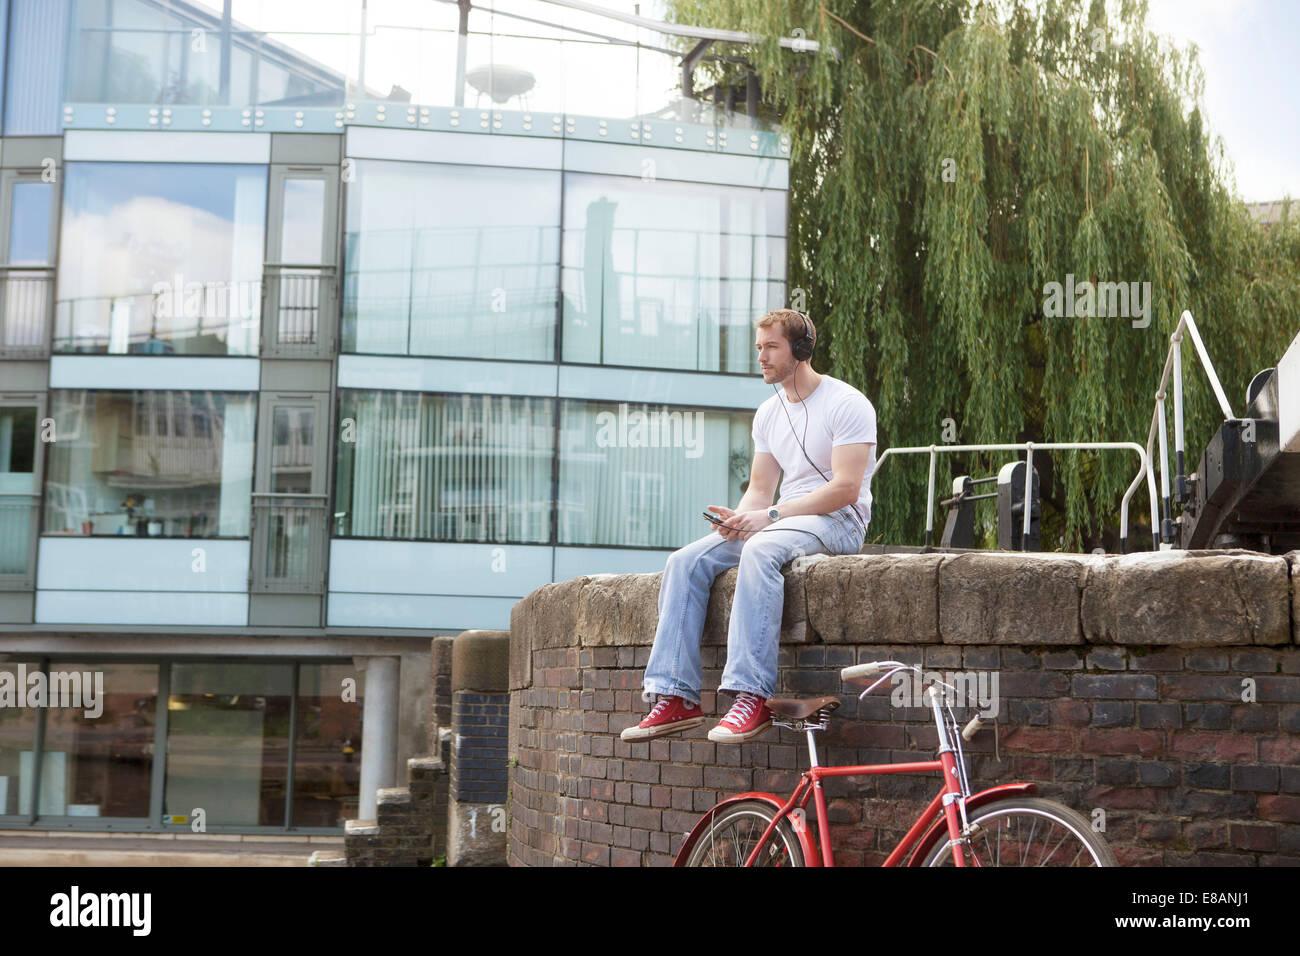 Uomo che ascolta la musica da canal, East London, Regno Unito Immagini Stock